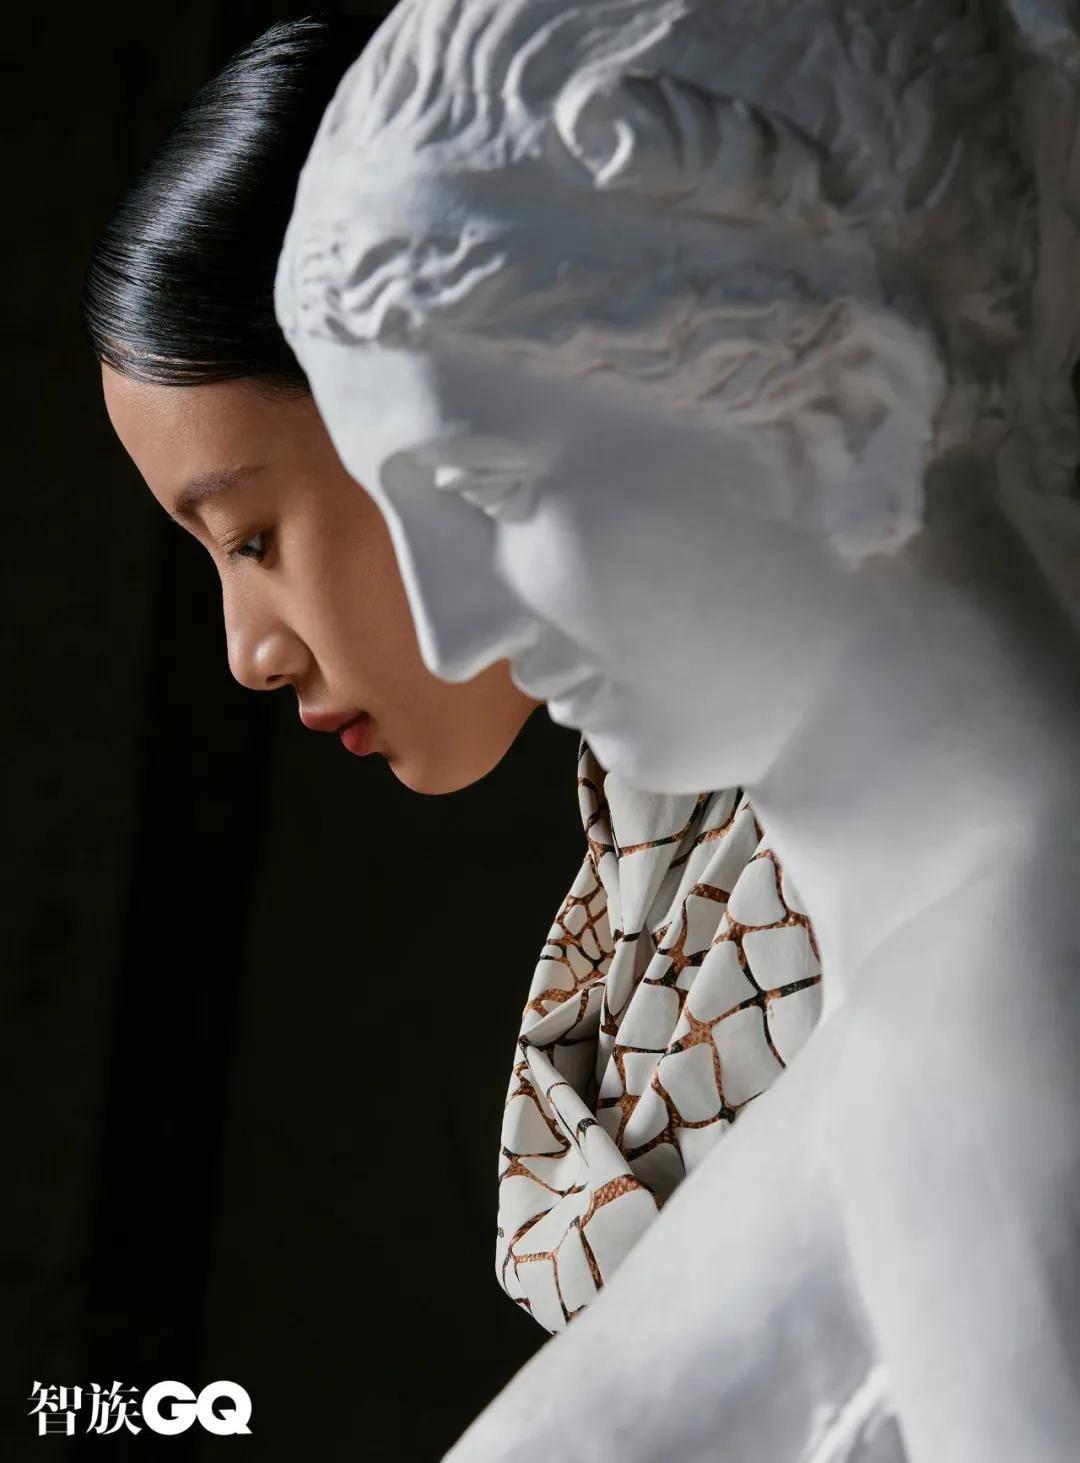 《隐秘的角落》李梦 高级的文艺感天生的电影脸